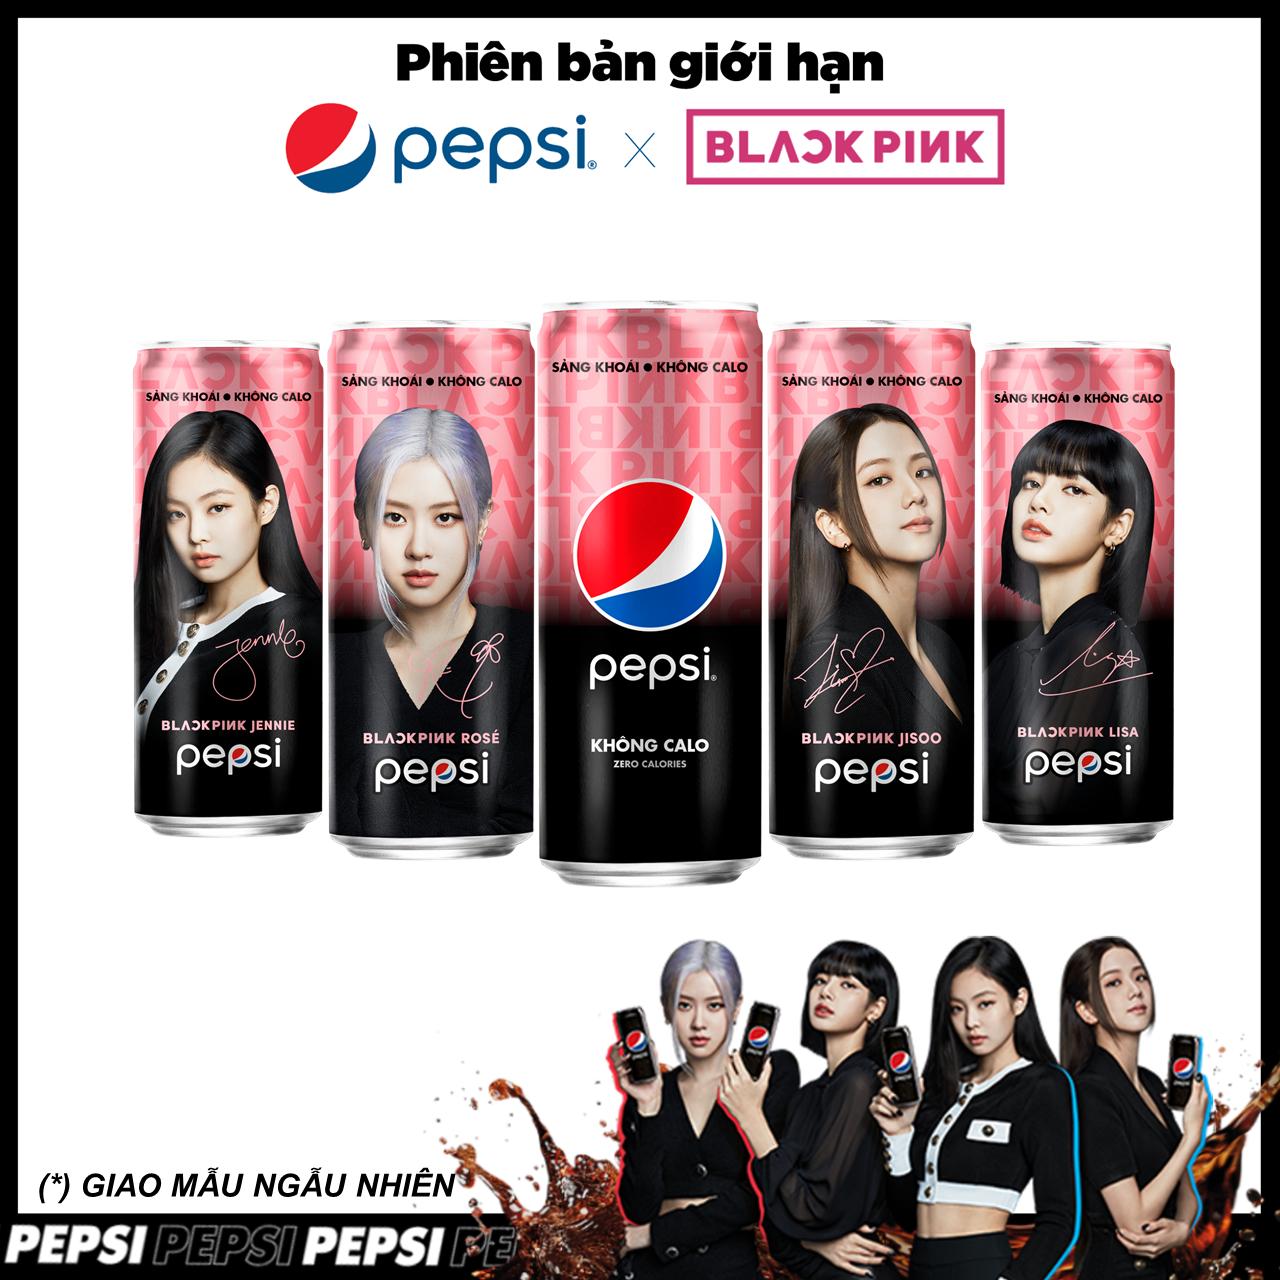 Lốc 6 Lon Nước Giải Khát Pepsi Không Calo x Blackpink Phiên Bản Giới Hạn (330ml/Lon) (Mẫu ngẫu nhiên)